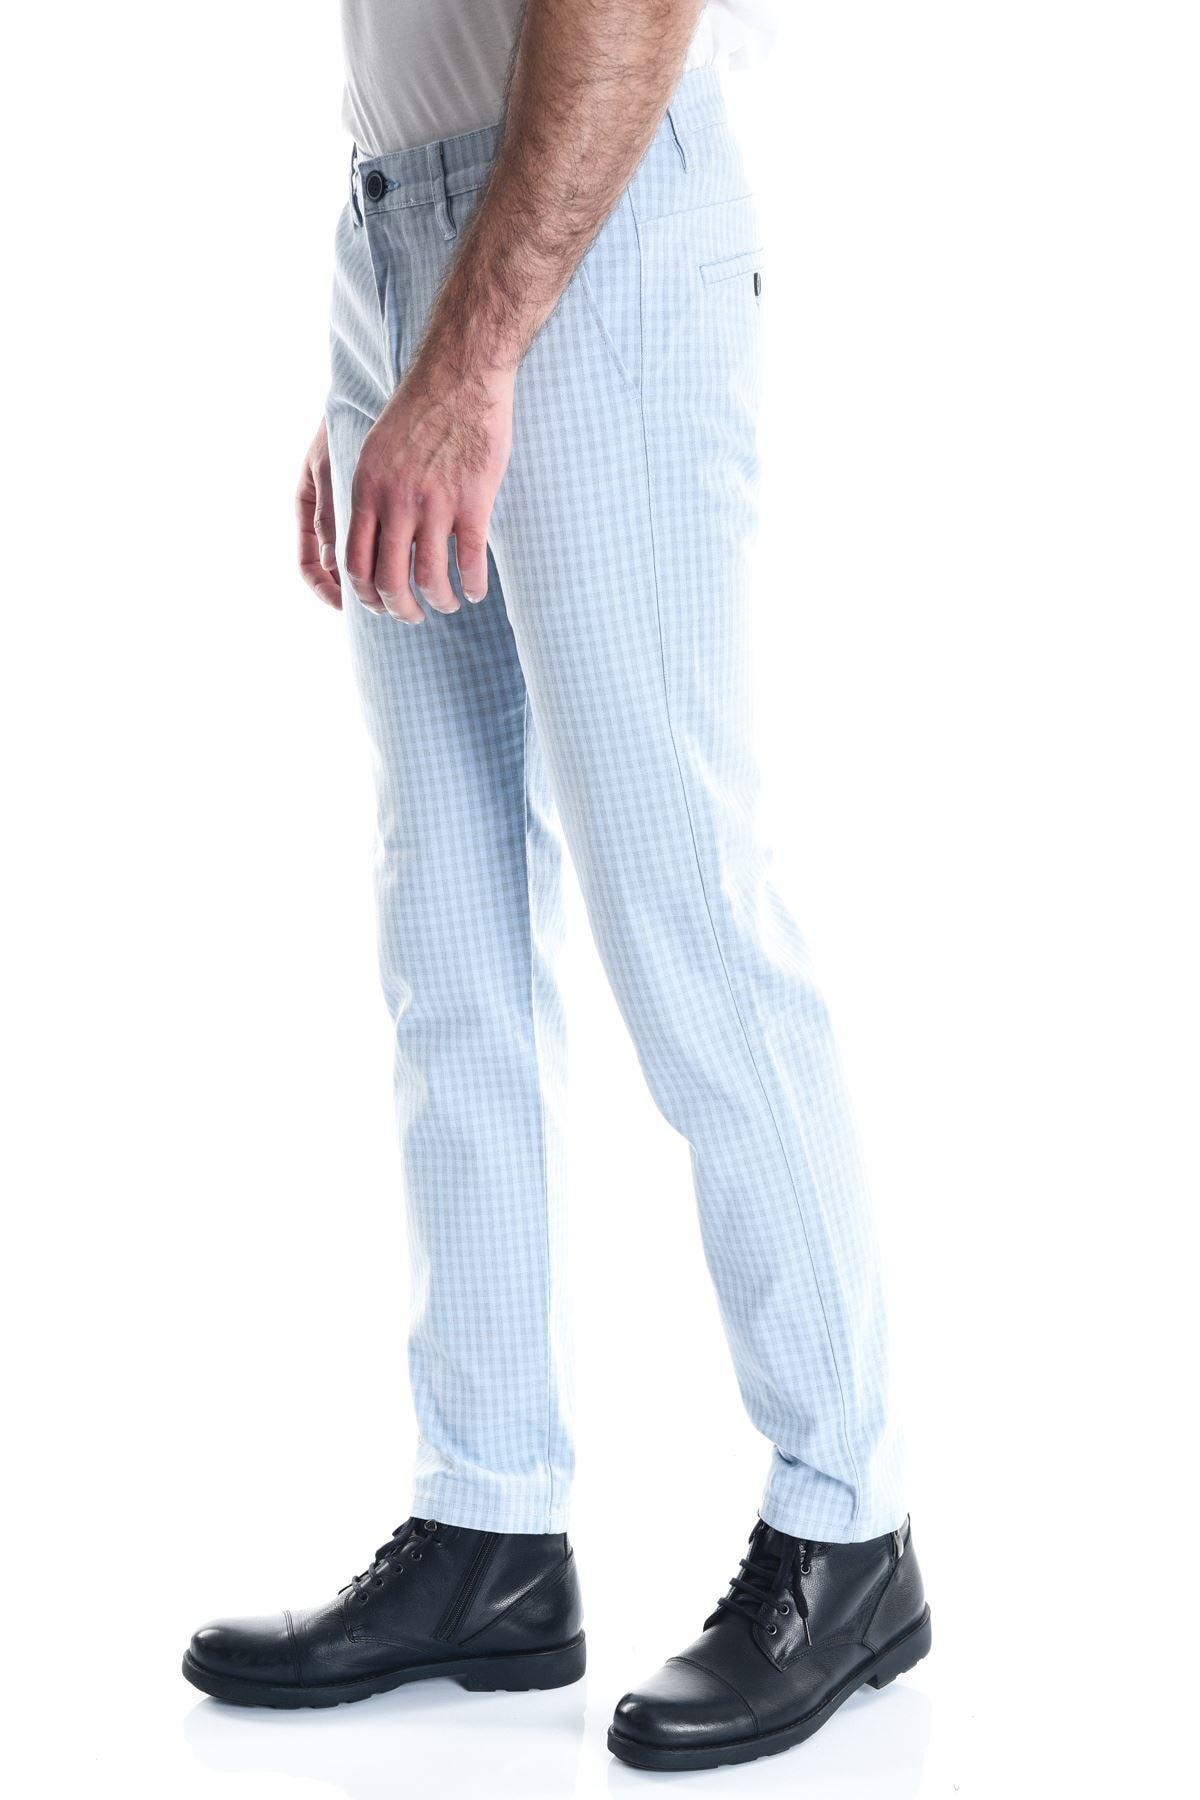 LTC Jeans Ekose Buz Mavi Slimfit Erkek Pantolon 2